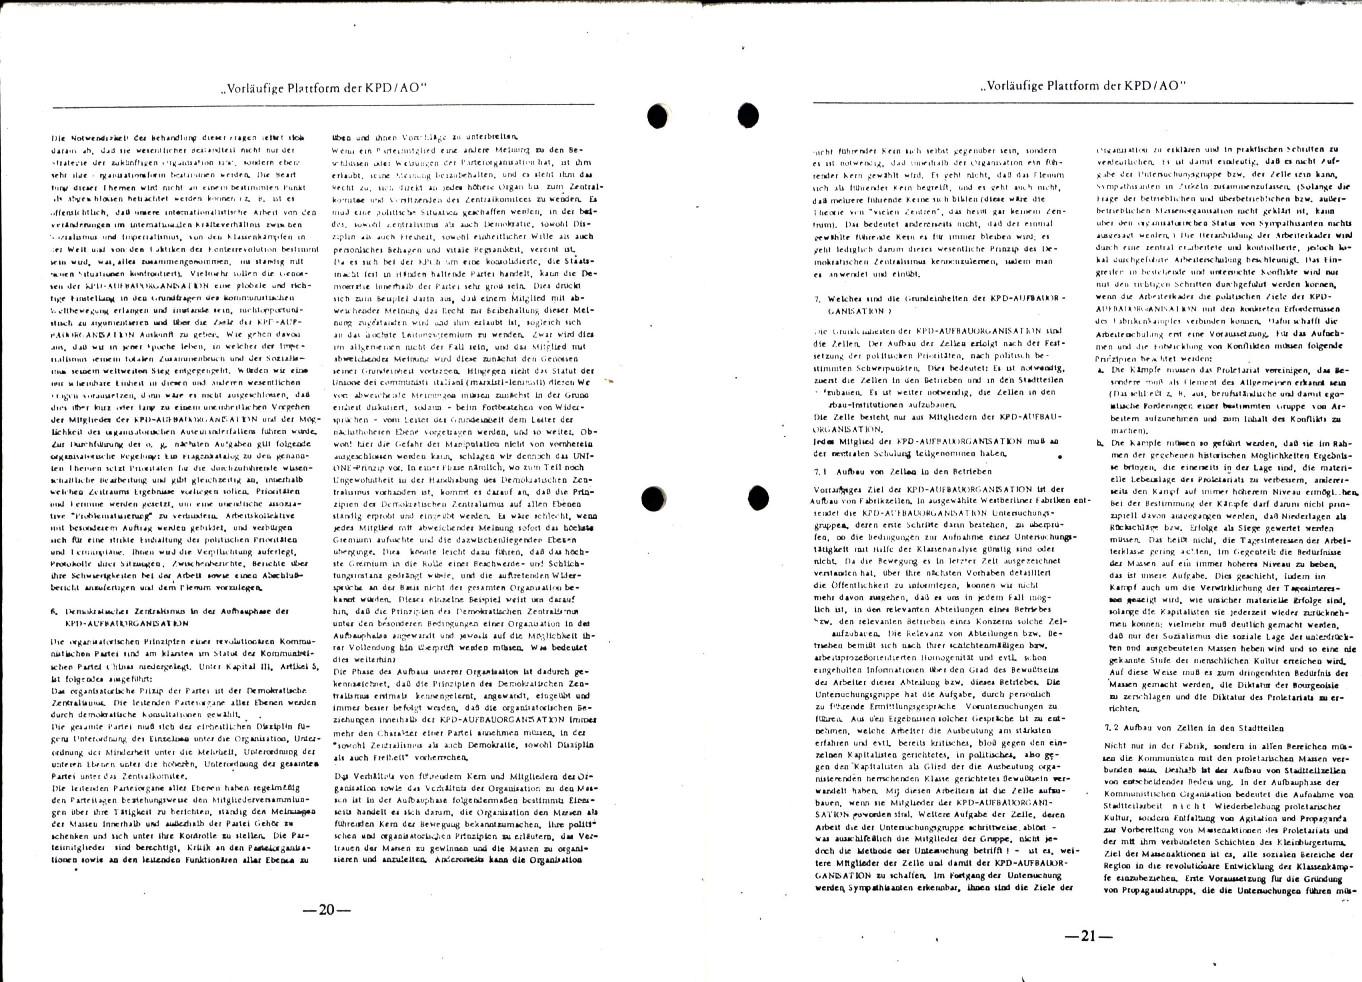 KPDML_1976_Dokumente_zur_Gruendung_12